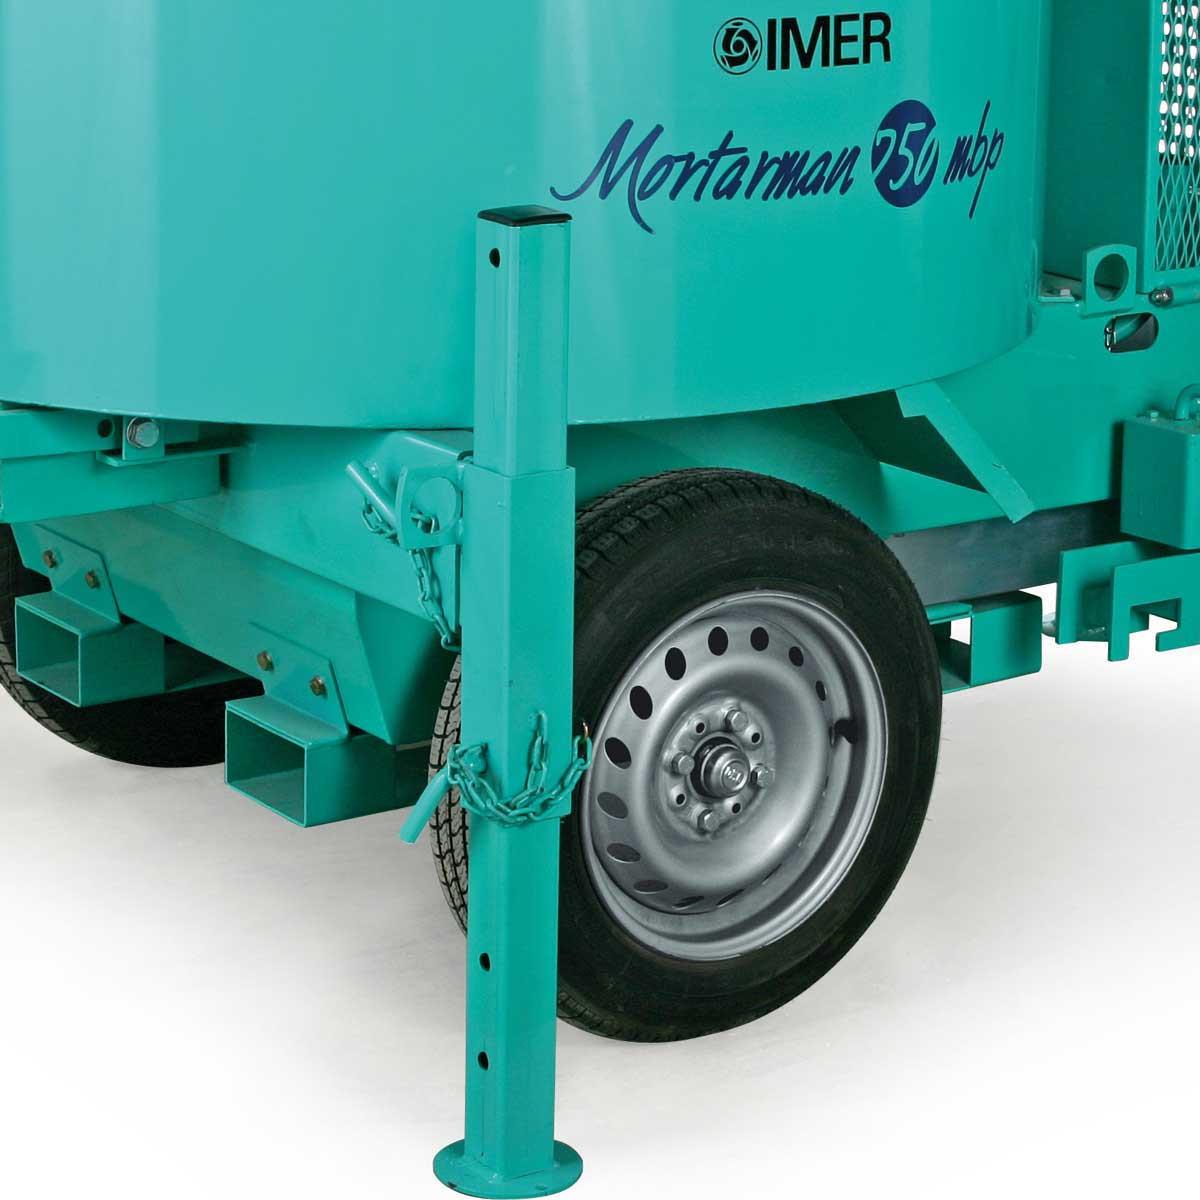 Imer Mortarman 750 Mixer wheels